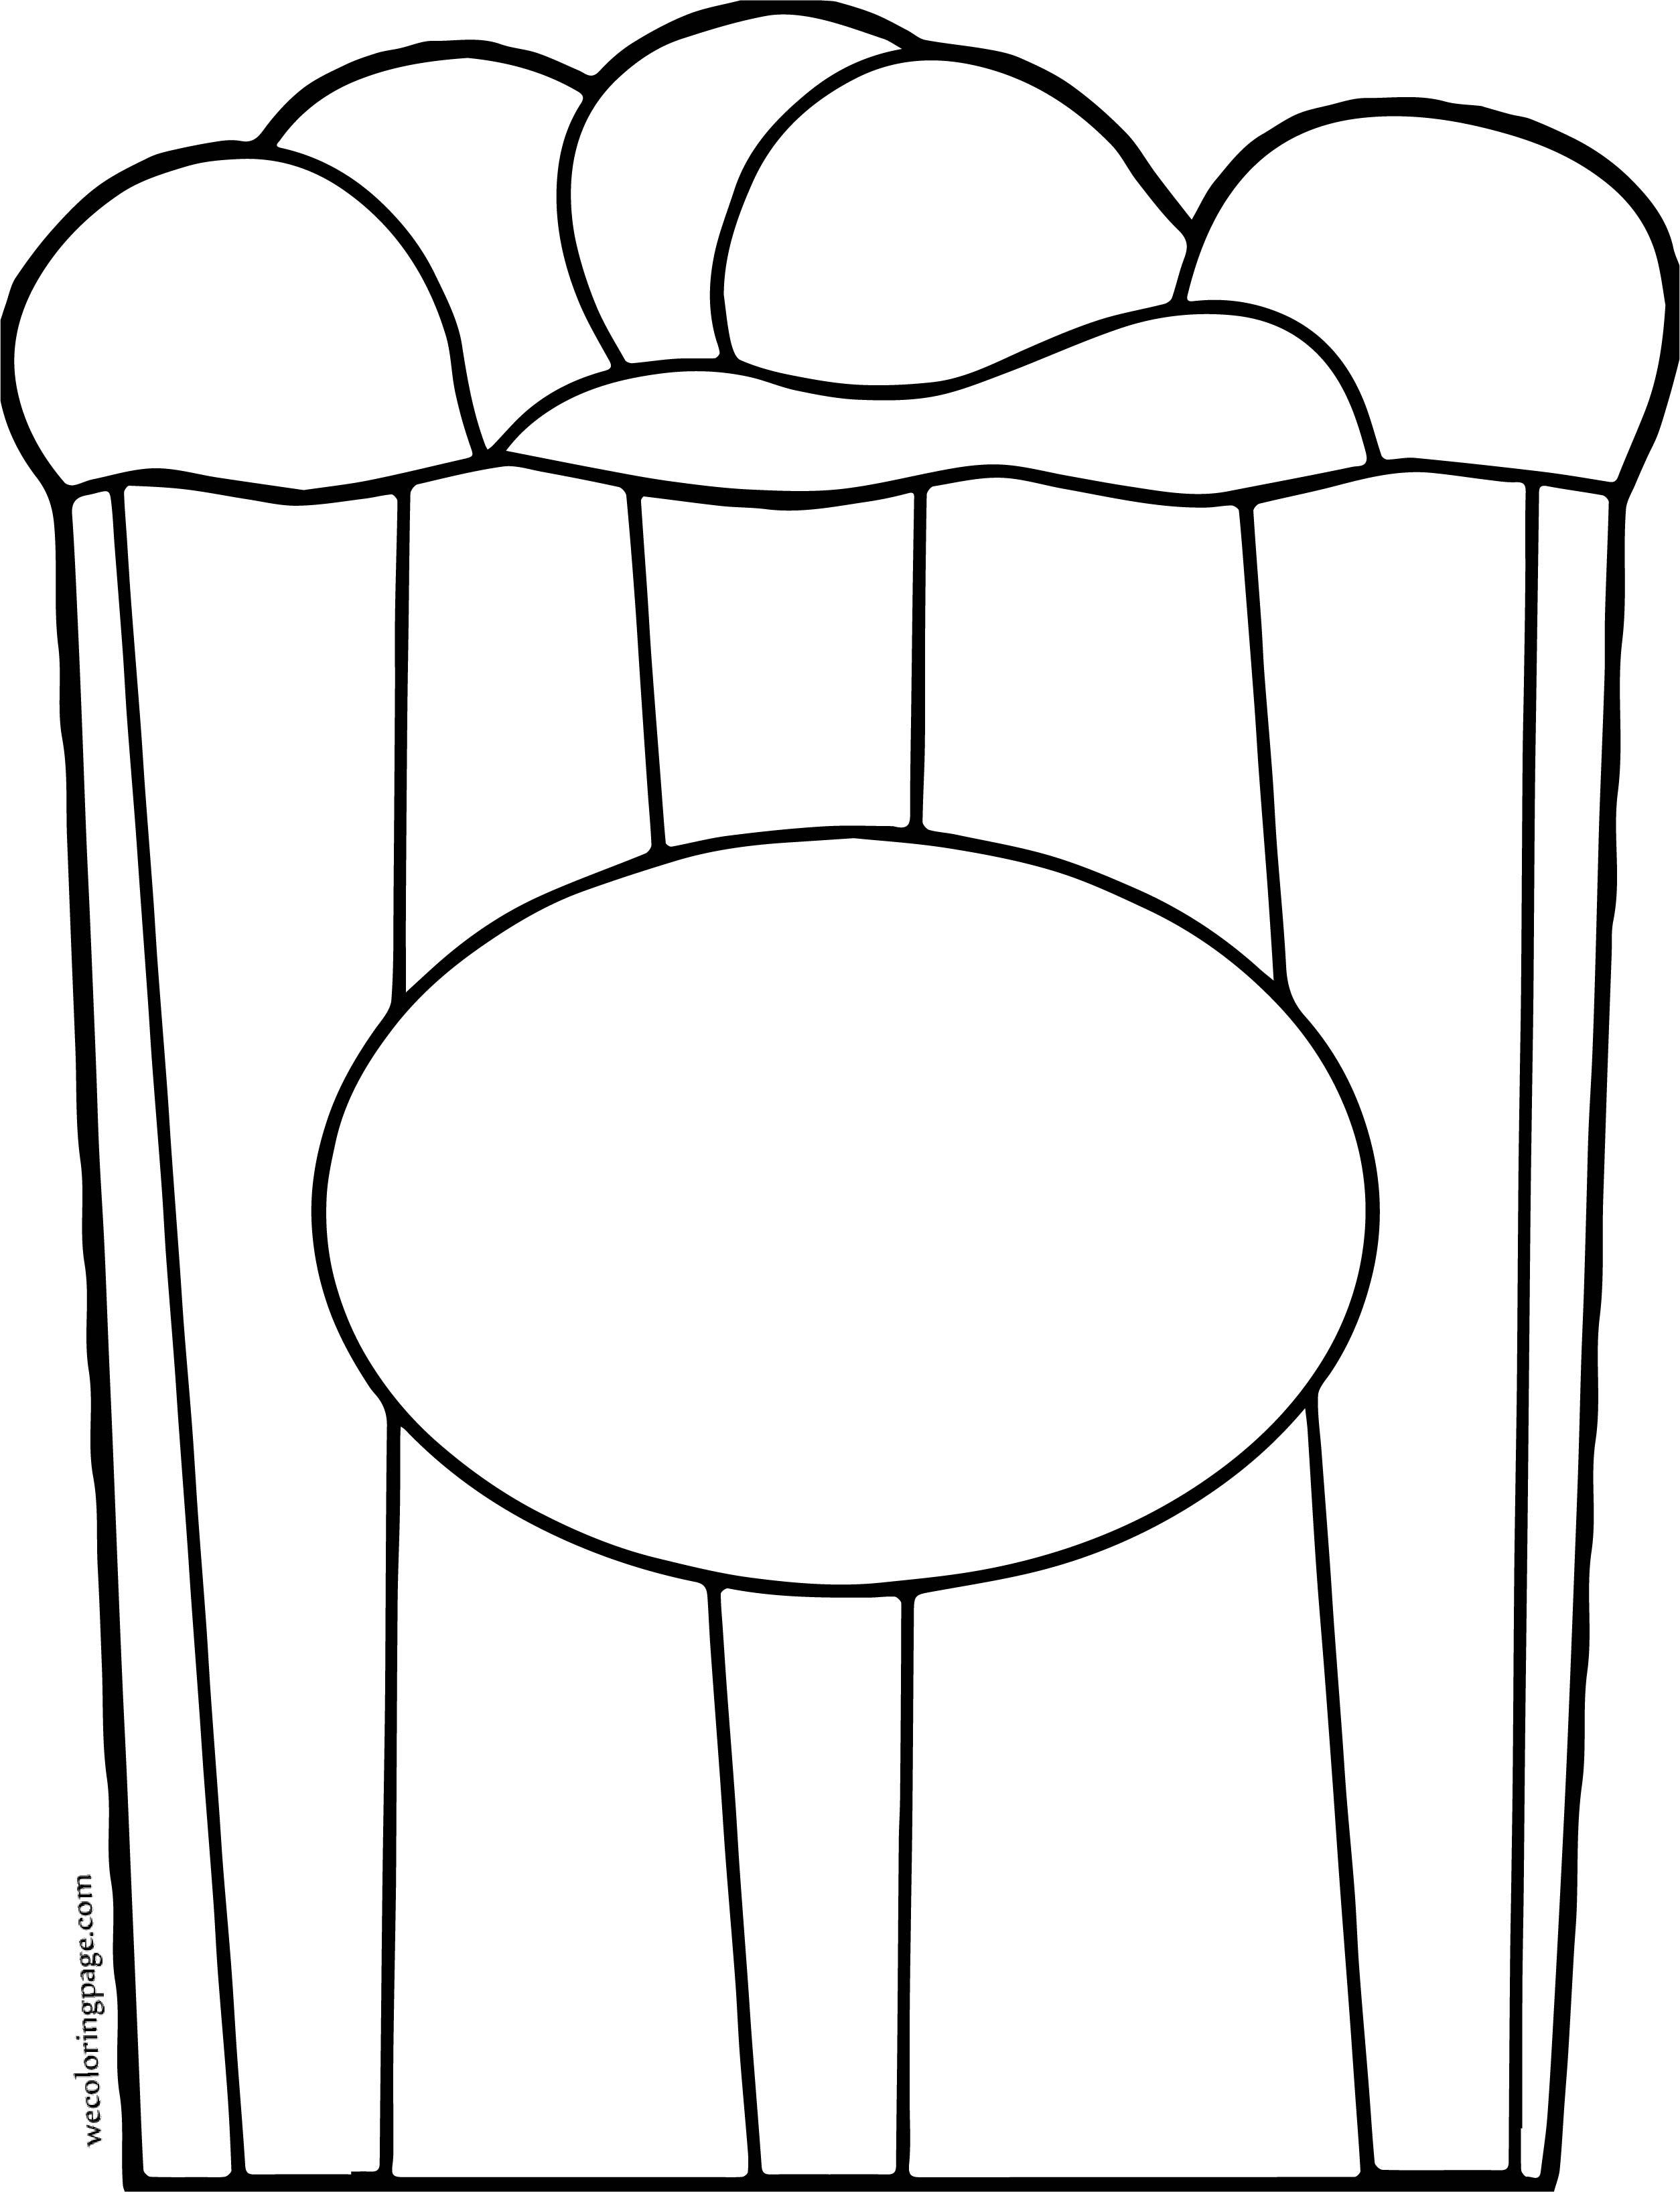 Circus Peanuts Box Coloring Page